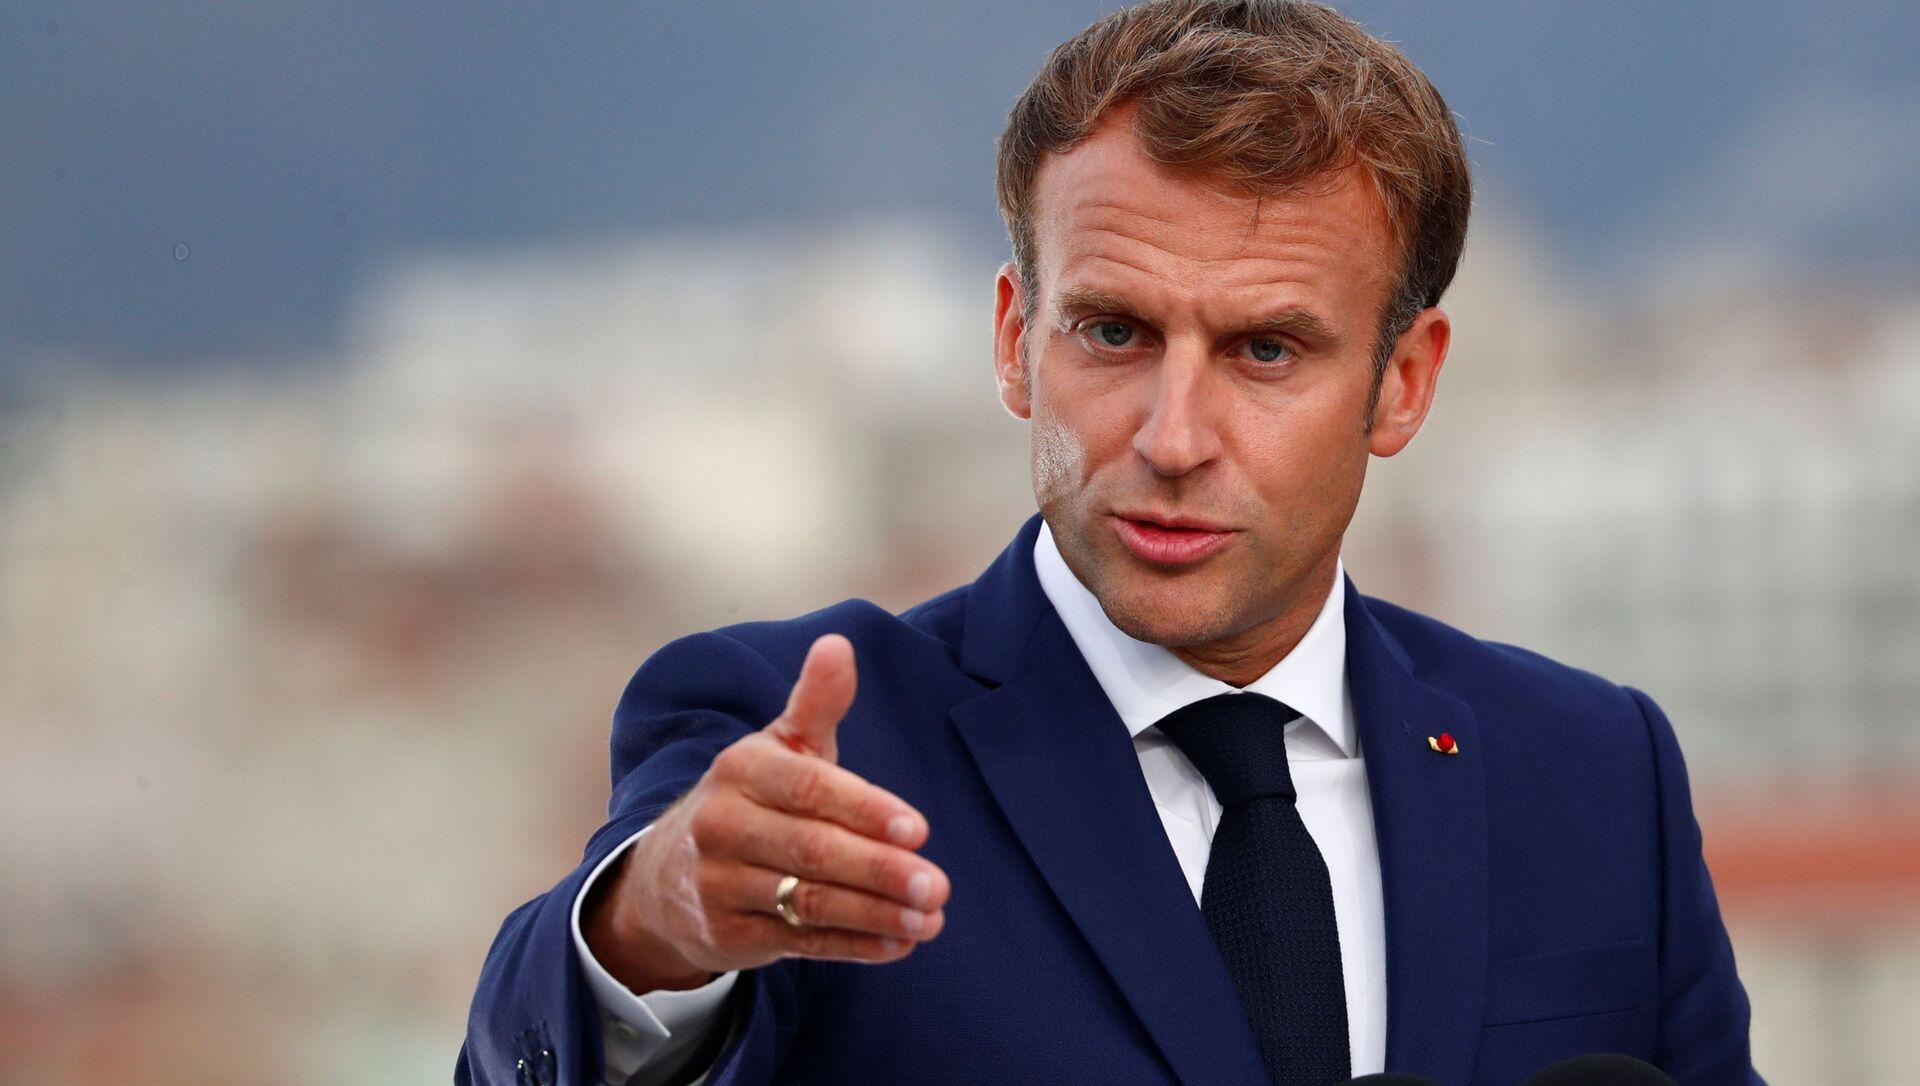 Emmanuel Macron lors de sa visite à Marseille - Sputnik France, 1920, 05.09.2021